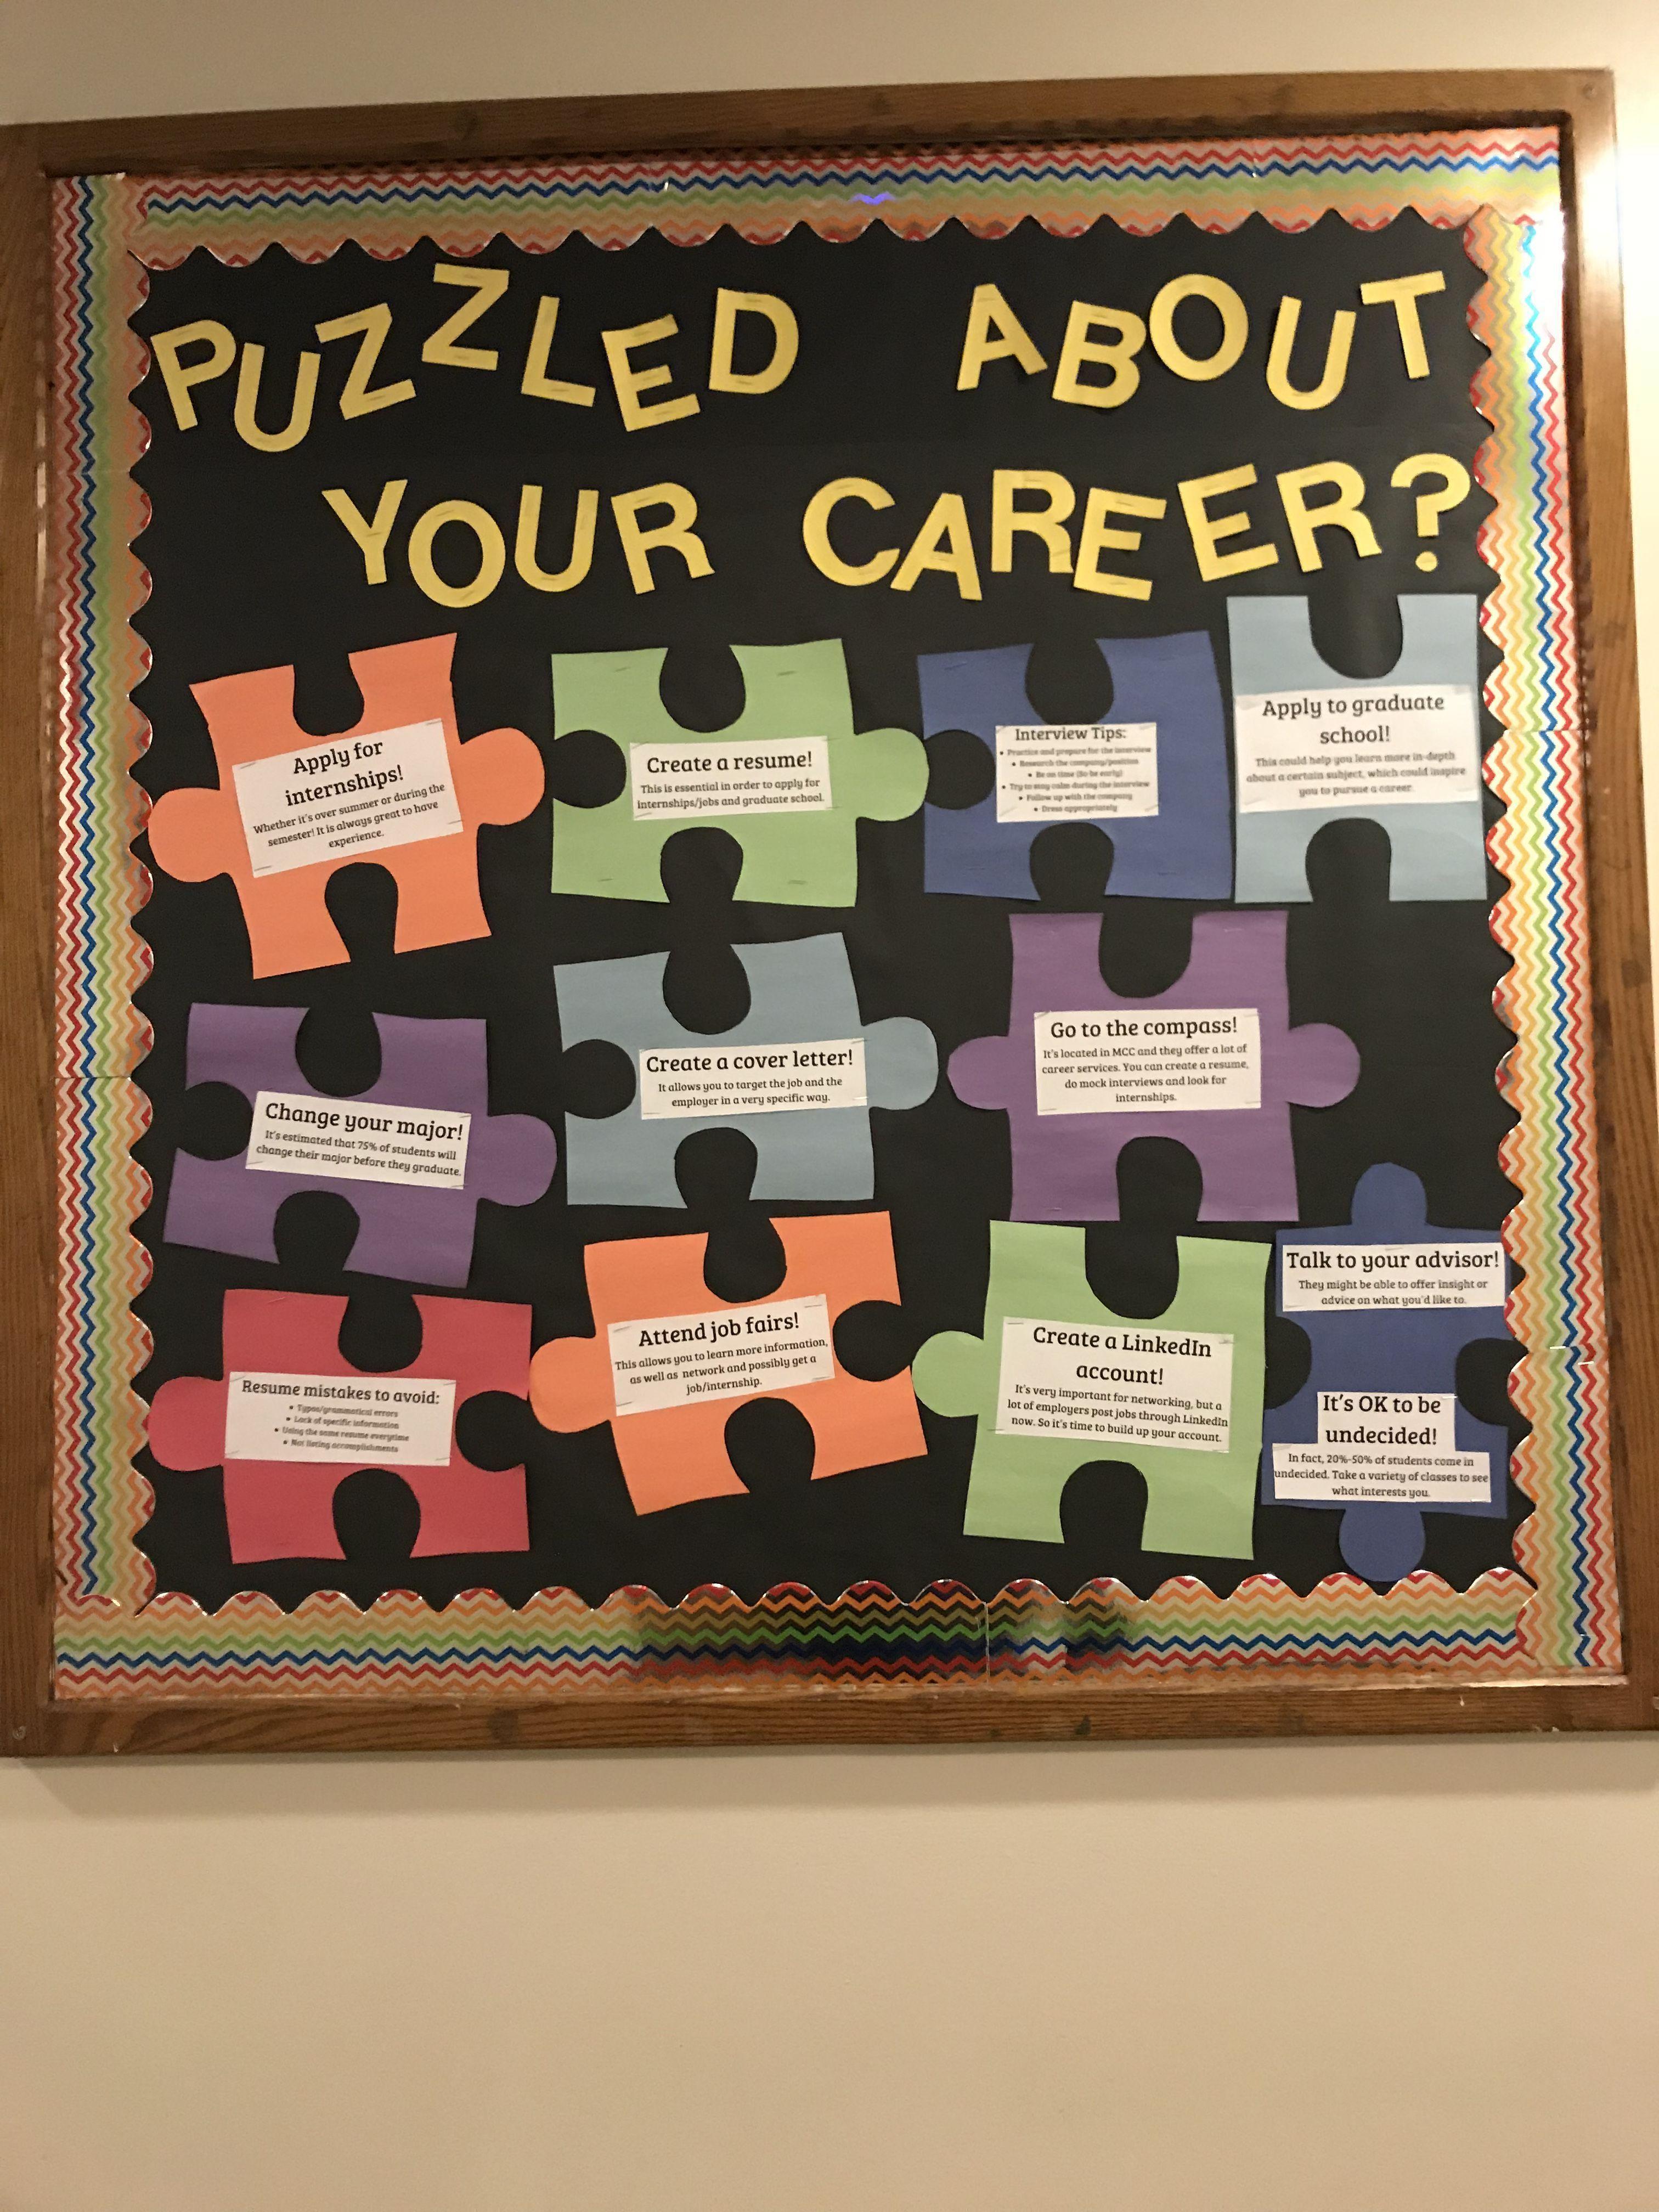 Ra Bulletin Board For Career Development Cork Board Ideas Ingeniously Smart Cork Board Ideas